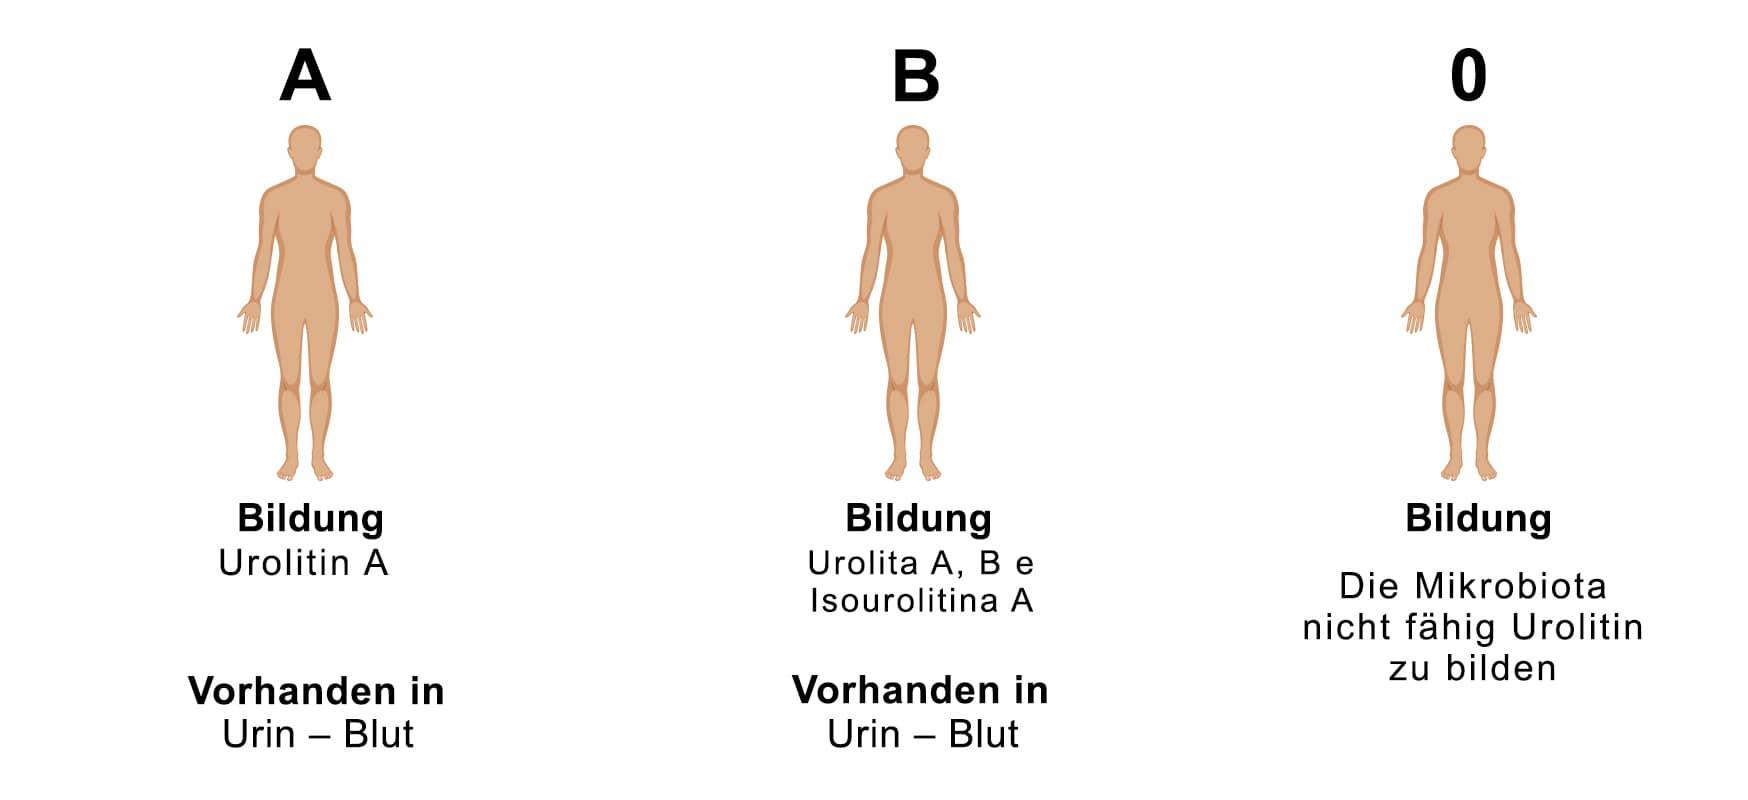 Bildung von Urolitinen je nach Phänotypus